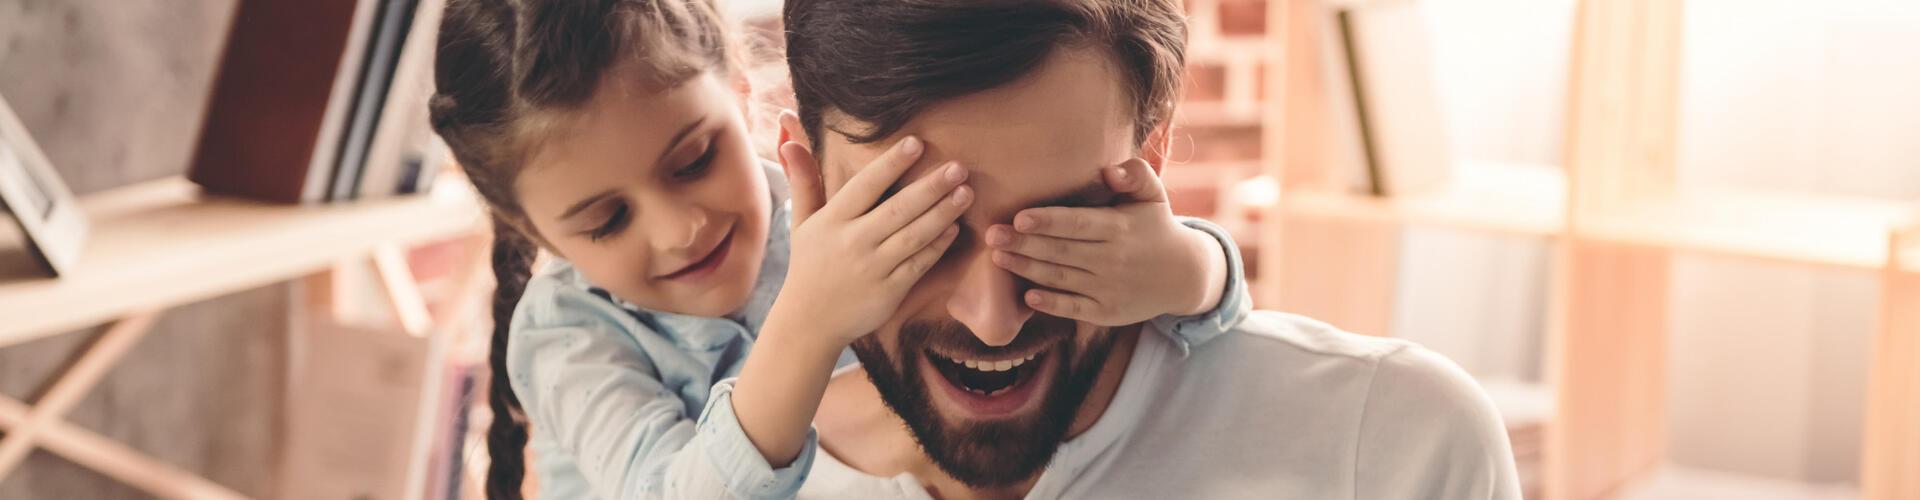 Speciale Festa del Papà: trattamenti benessere e bellezza per lui a San Giovanni Rotondo